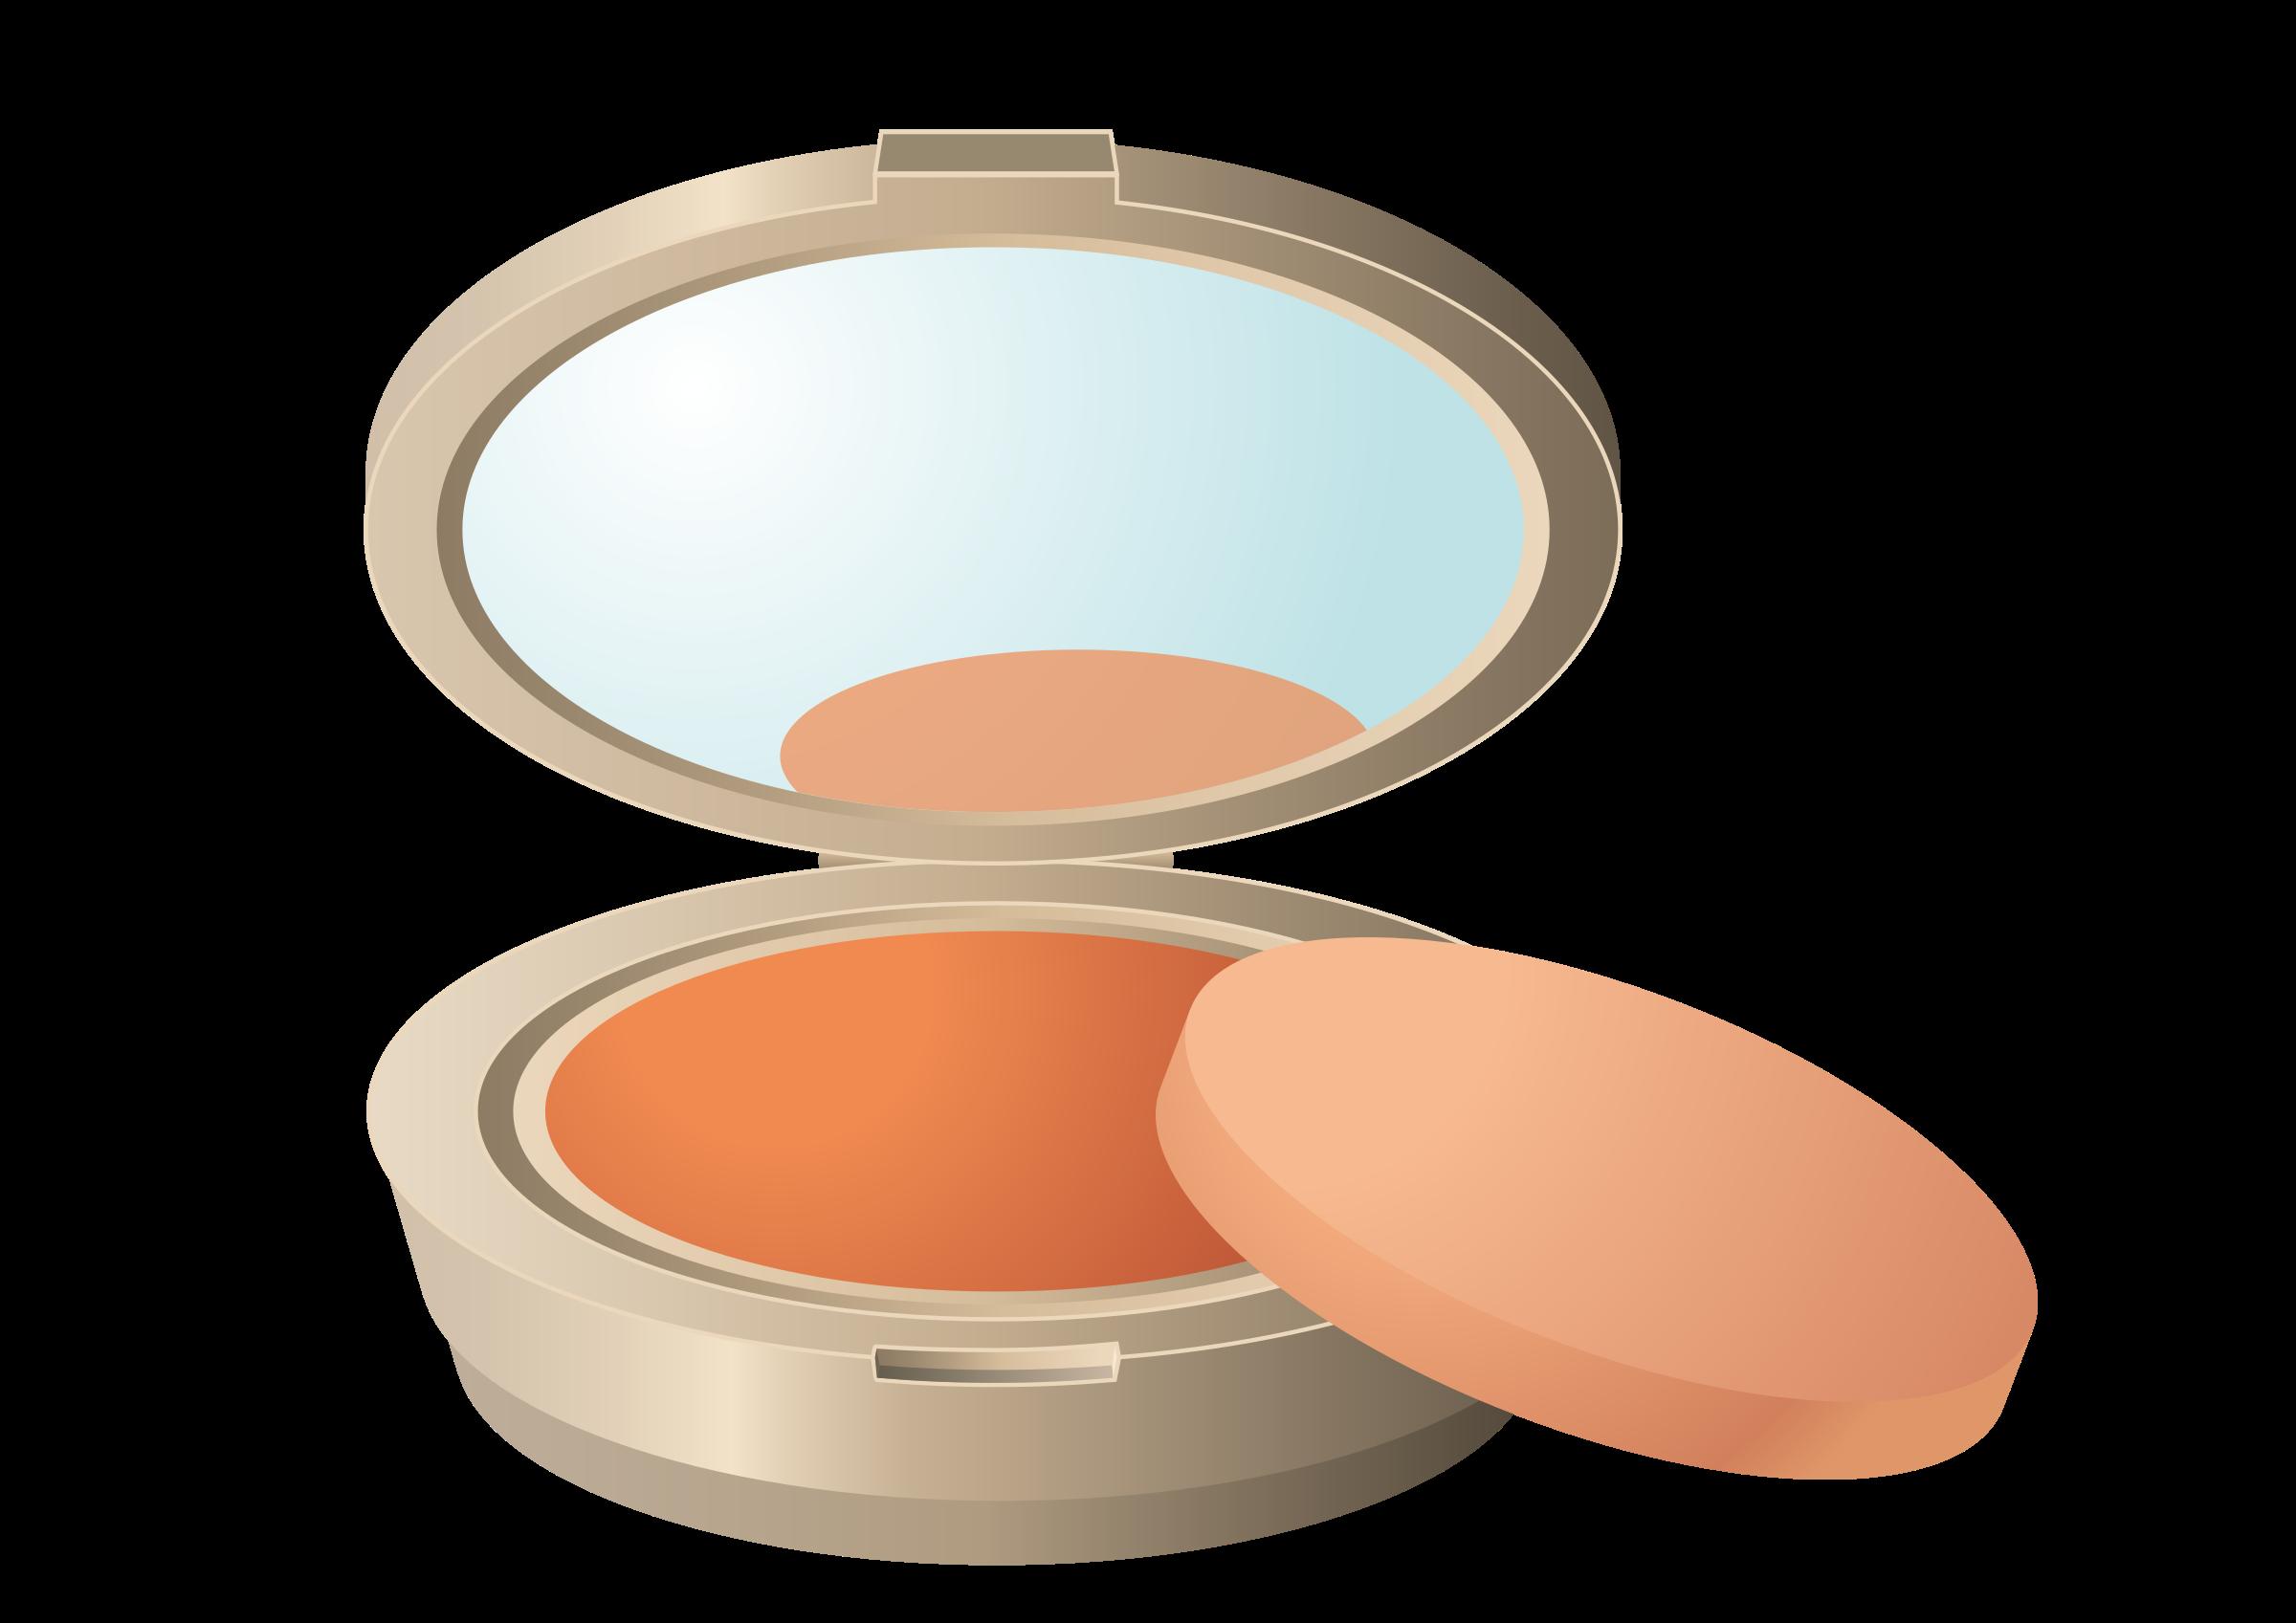 Clipart Makeup-clipart makeup-1